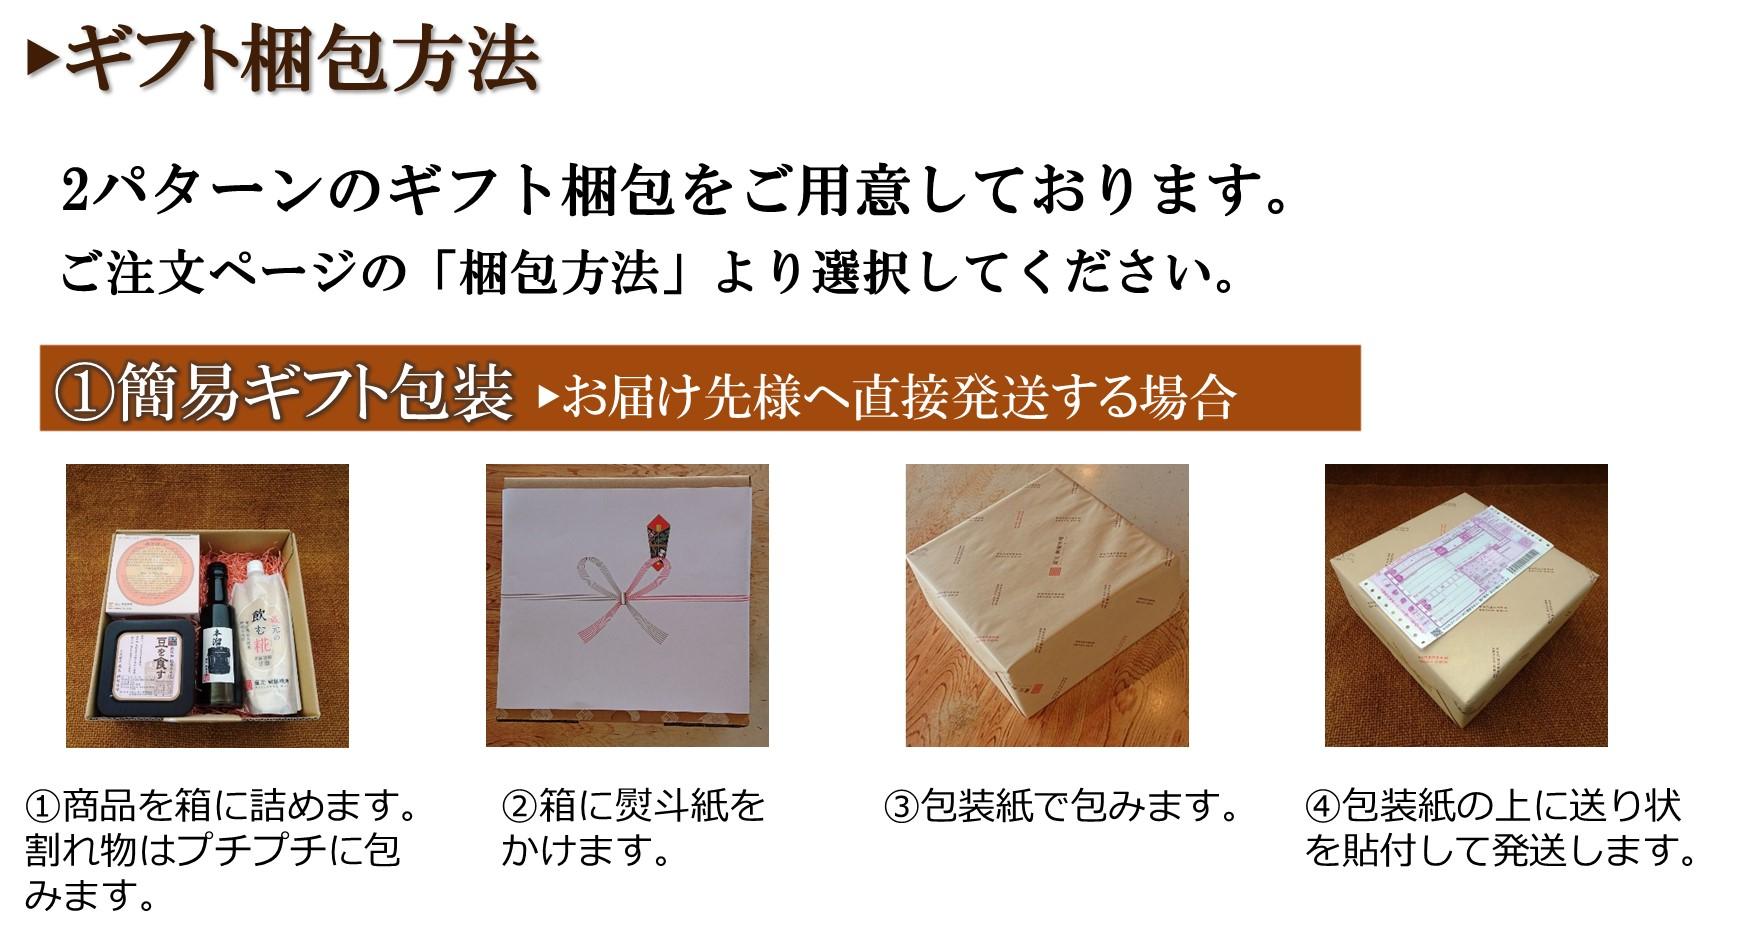 梱包方法シンプル2